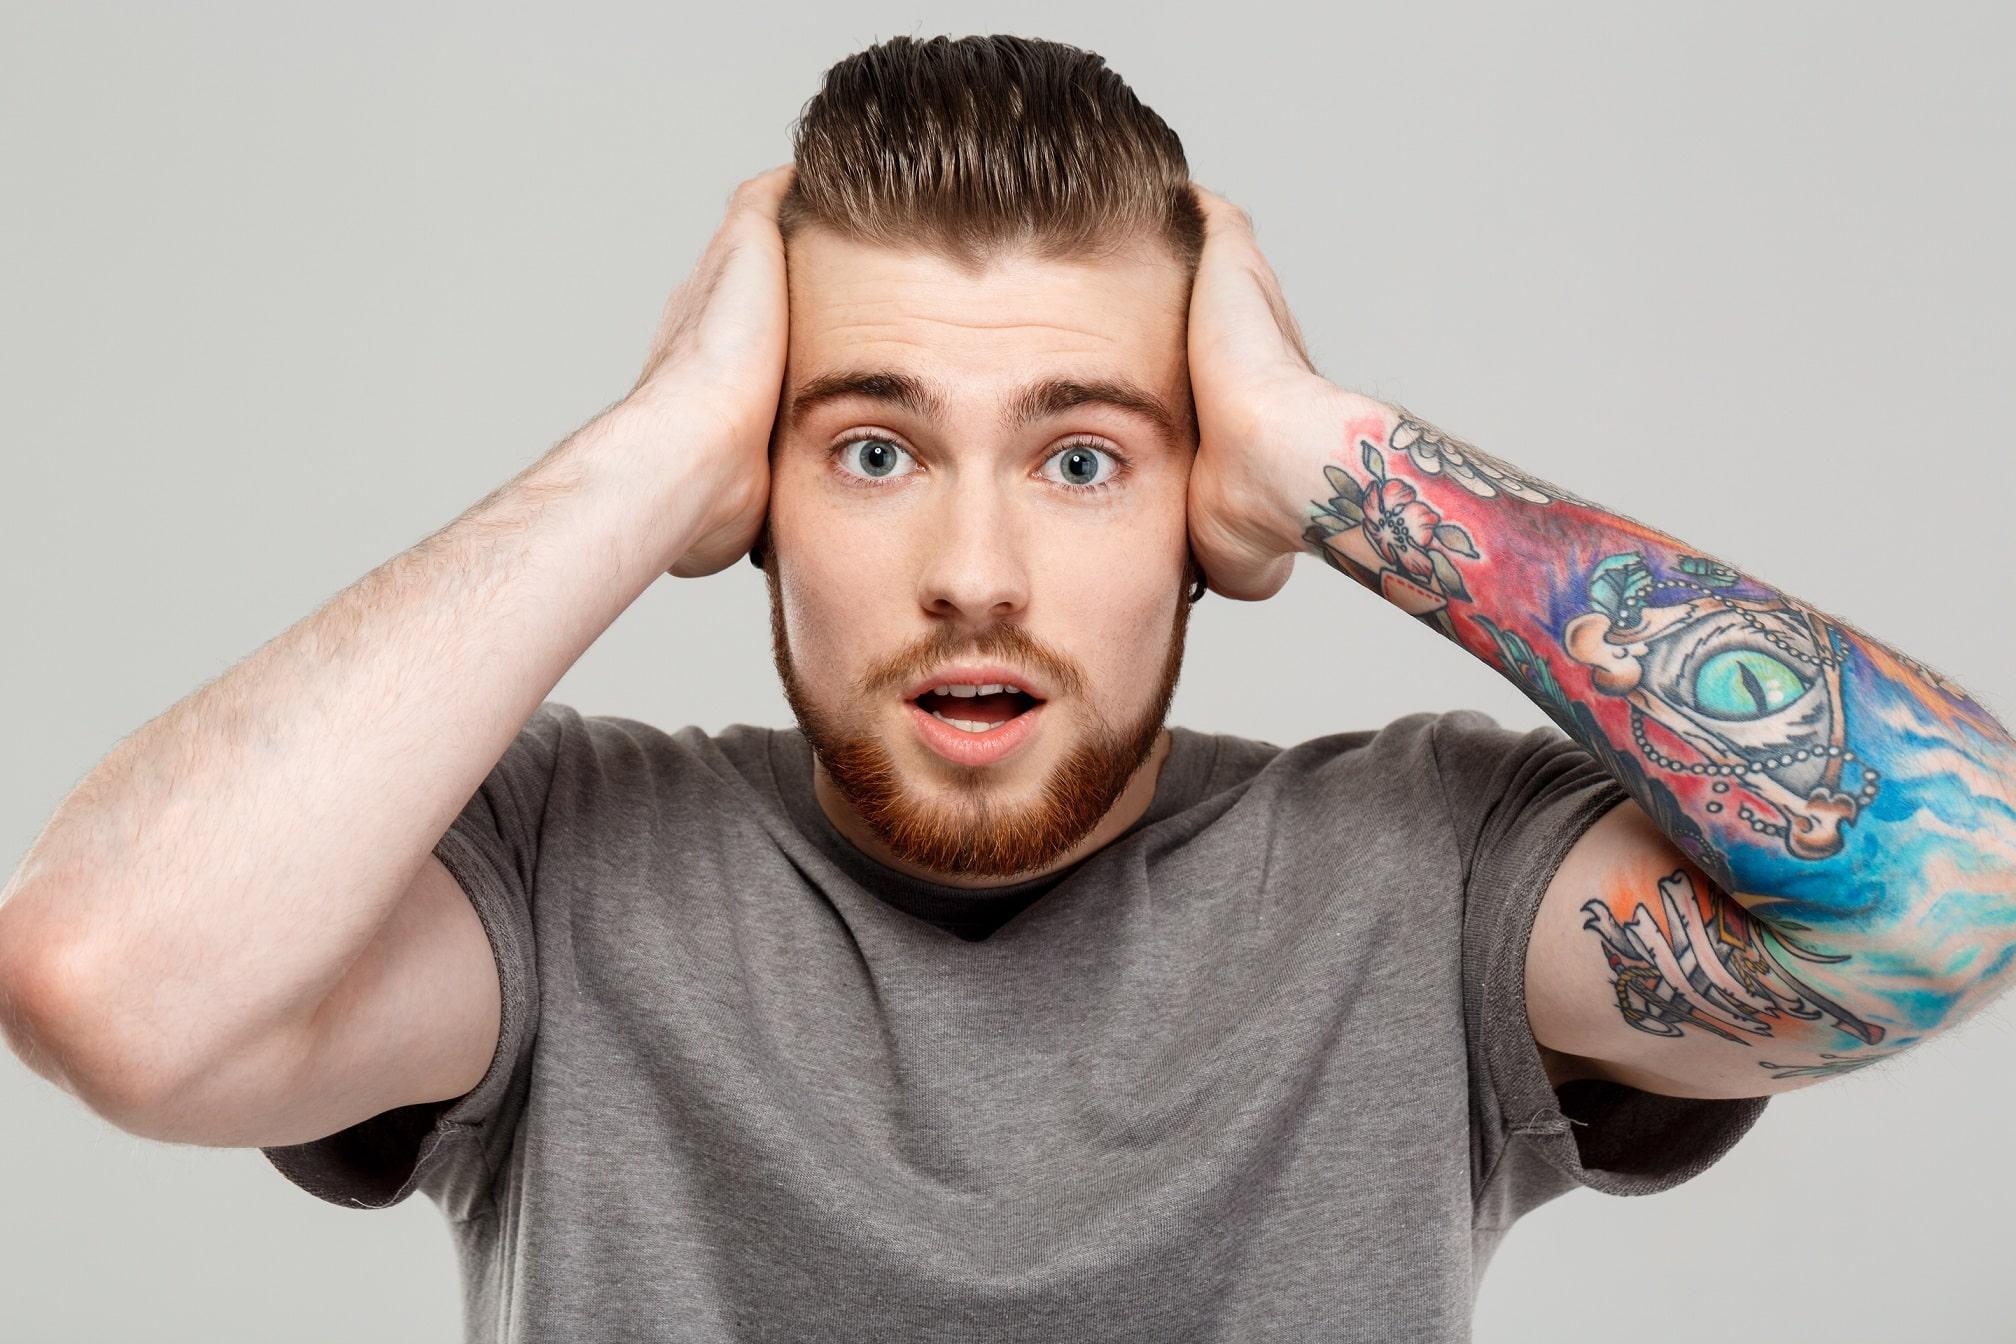 Tatuaż akwarela – czym jest i jak powstaje?